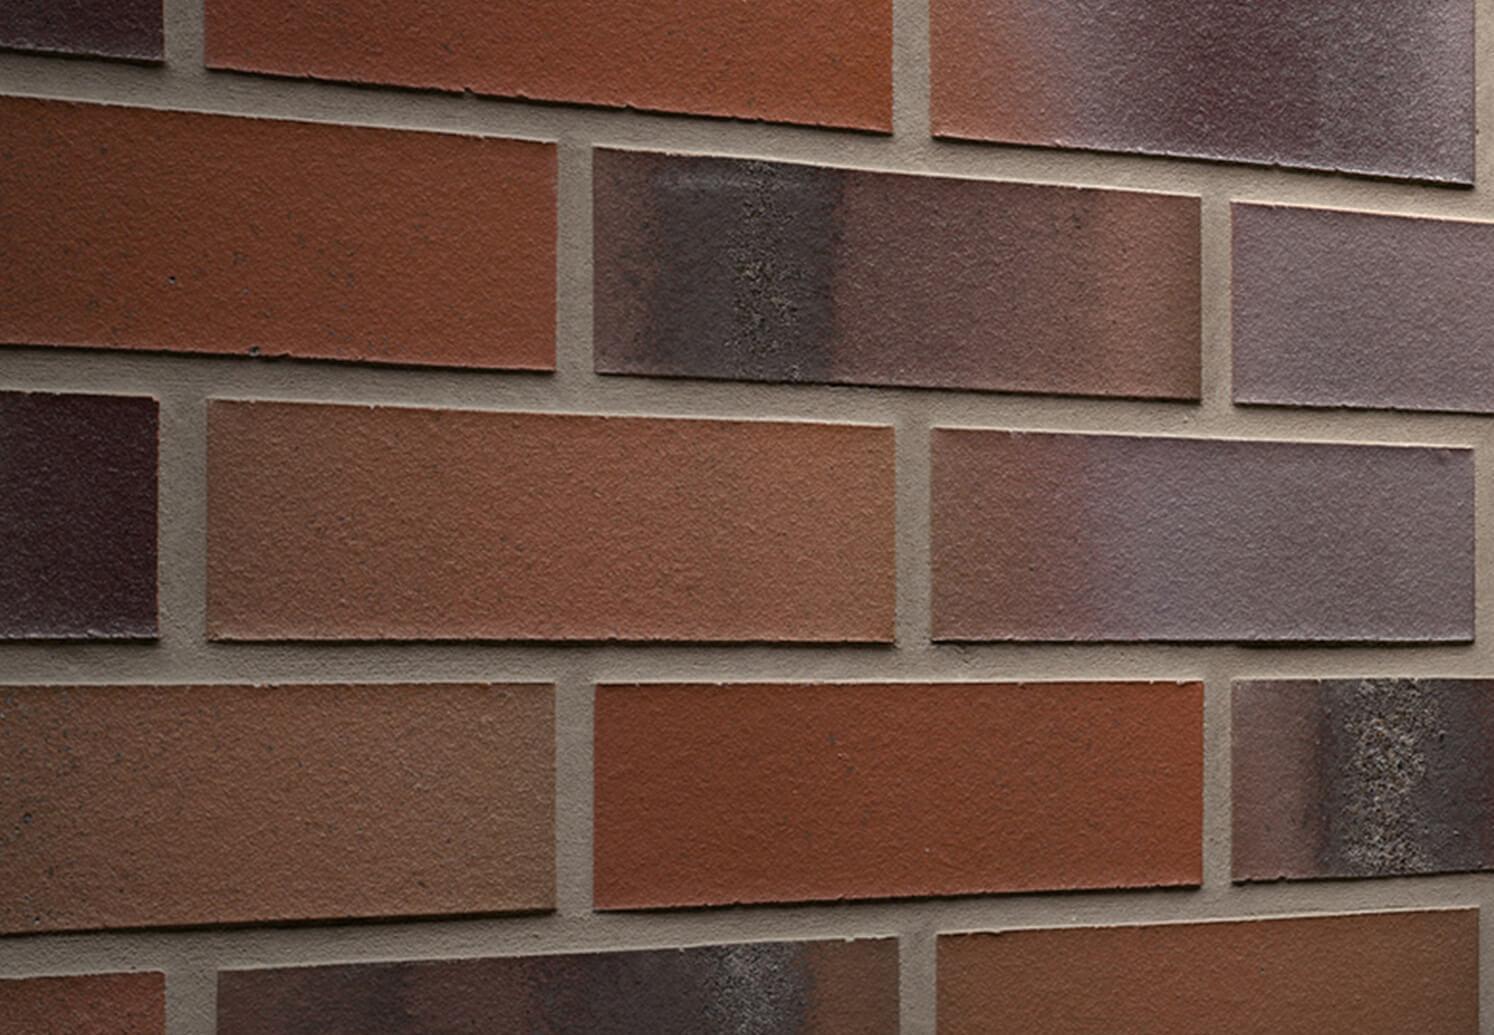 Feldhaus Klinker - R560NF14, Carbona Carmesi Colori, 240x14x71 - Клинкерная плитка для фасада и внутренней отделки